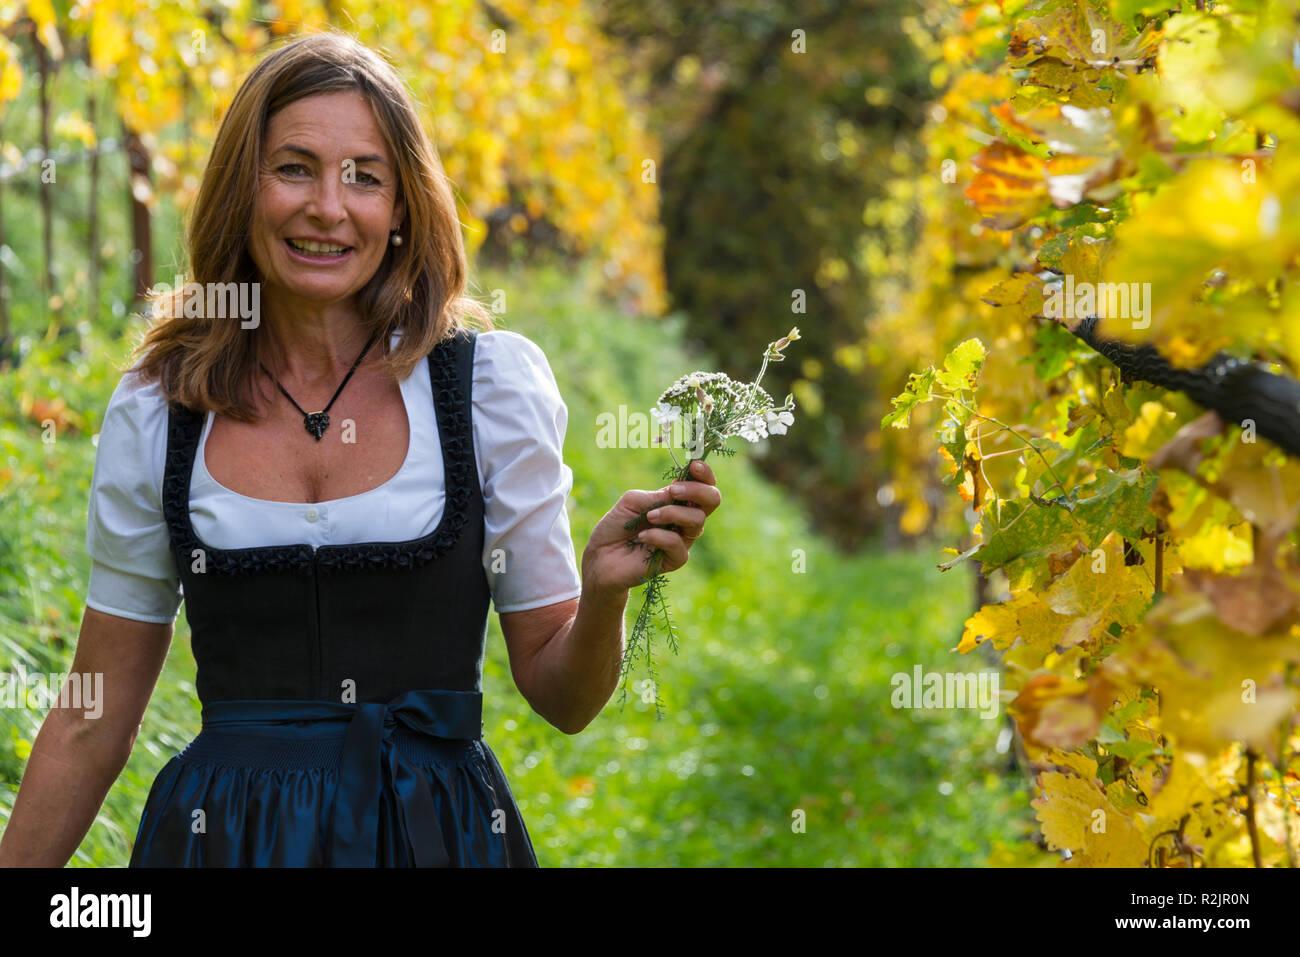 Italien, Südtirol, Südtirol, Meran, Weingut Tenuta Pratenberg, Karoline Sinn im Weinberg Stockbild